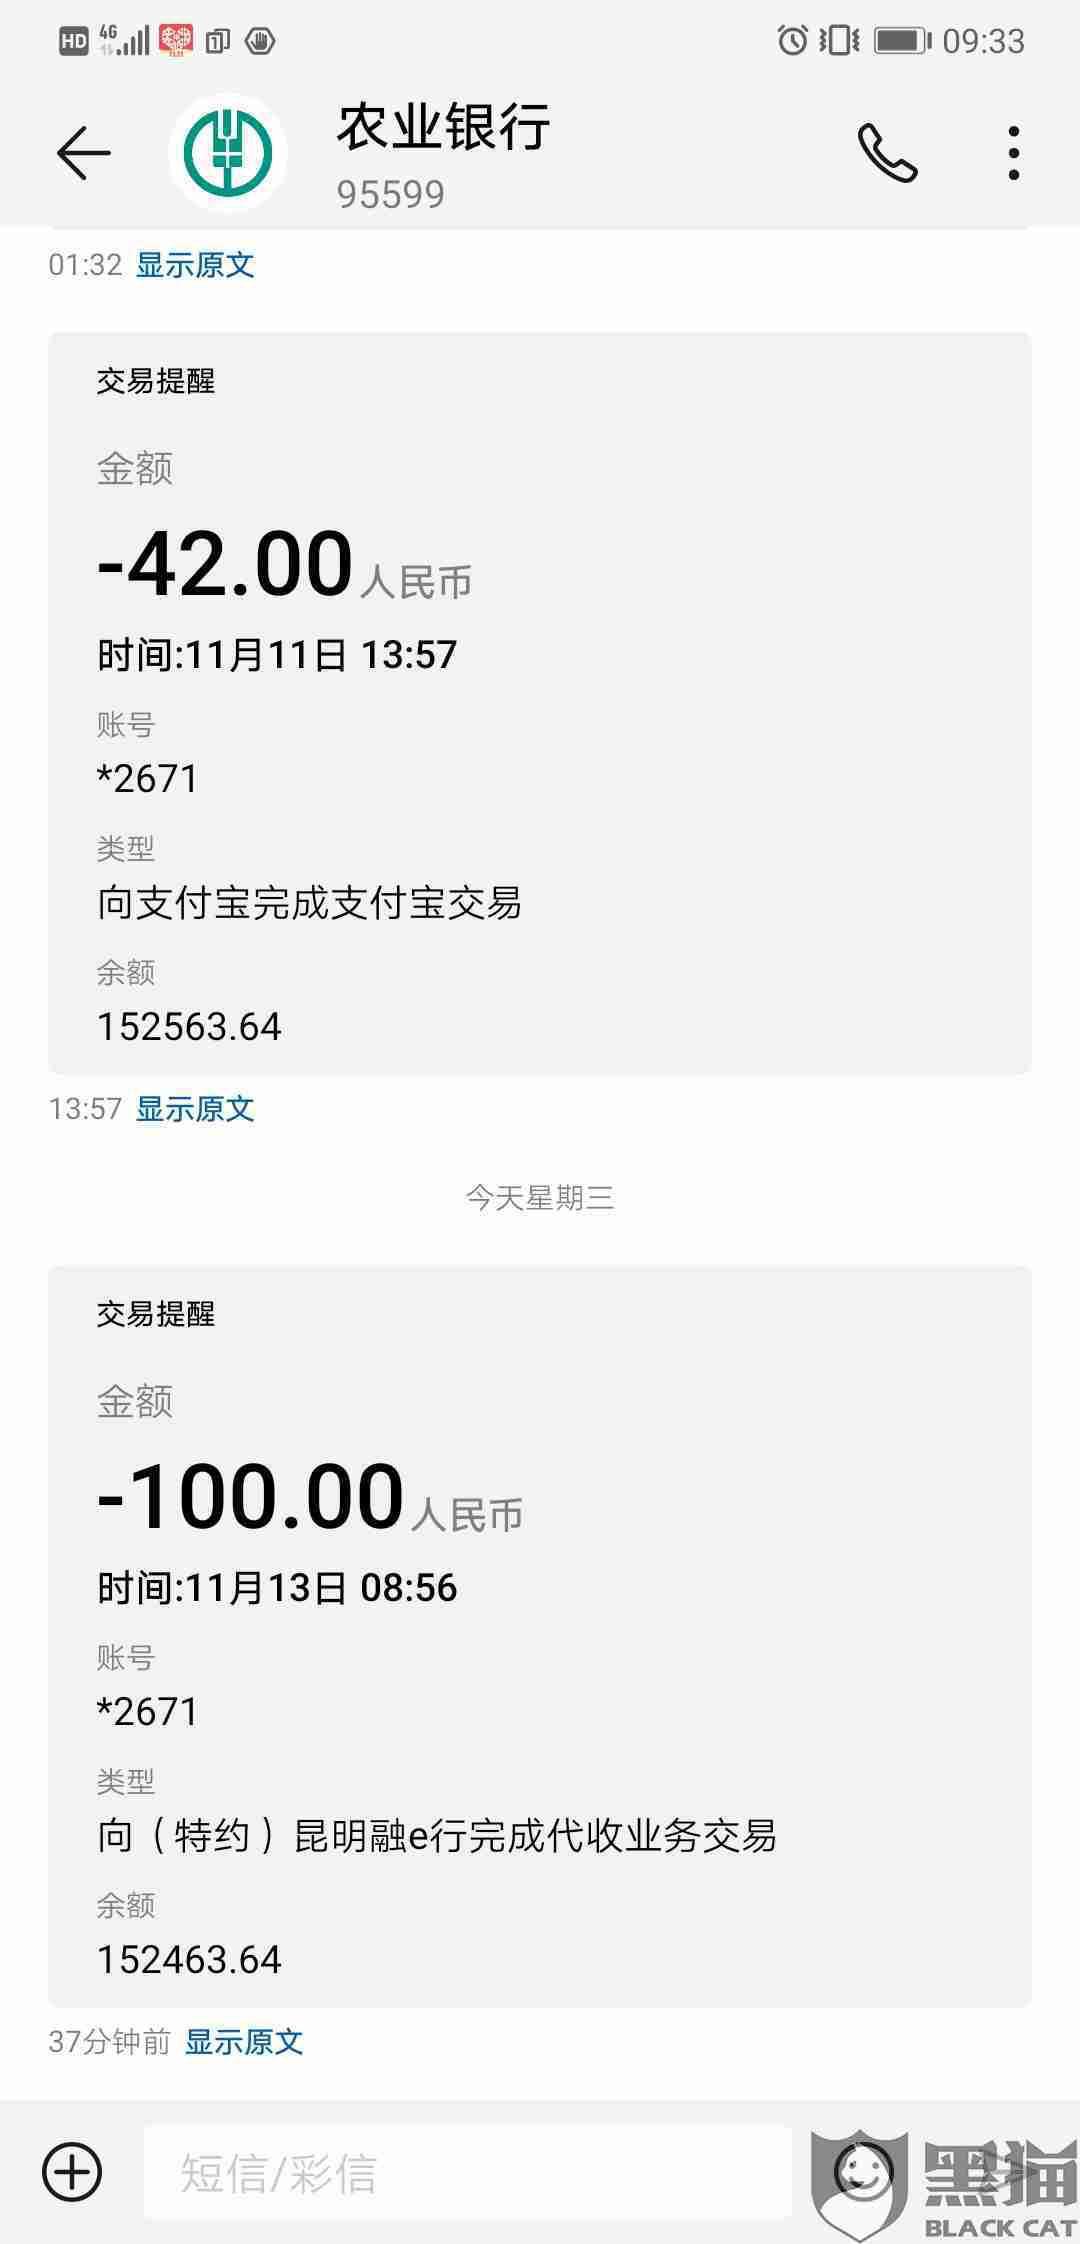 黑猫投诉:【中国农业银行】您尾号2671账户11月13日08:56向(特约)昆明融e行完成